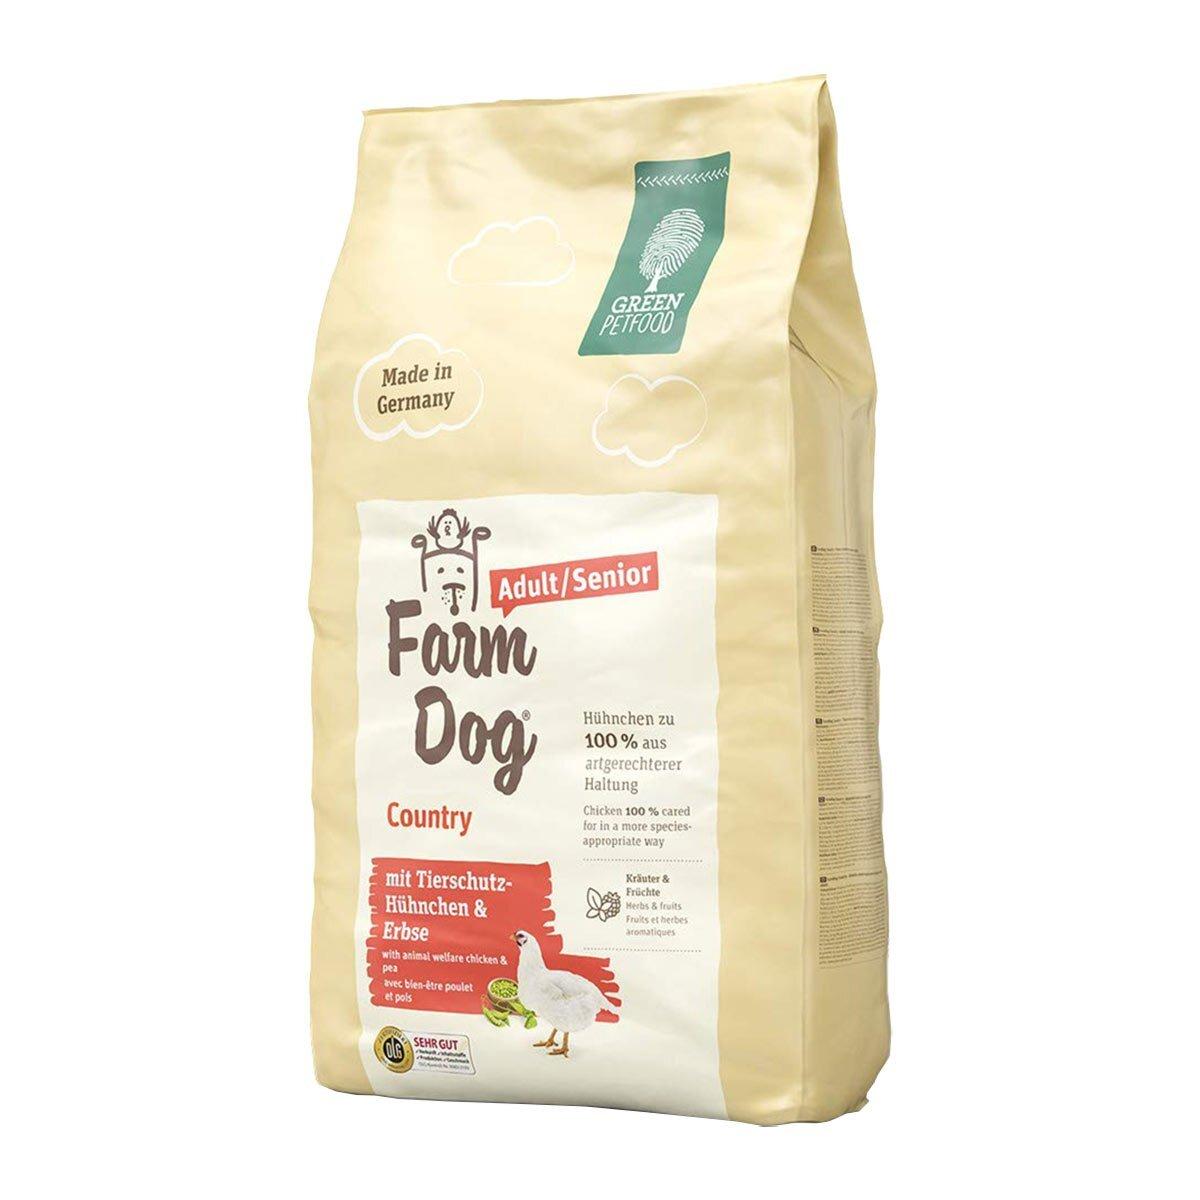 Bild 2 von Green Petfood FarmDog Country 10kg